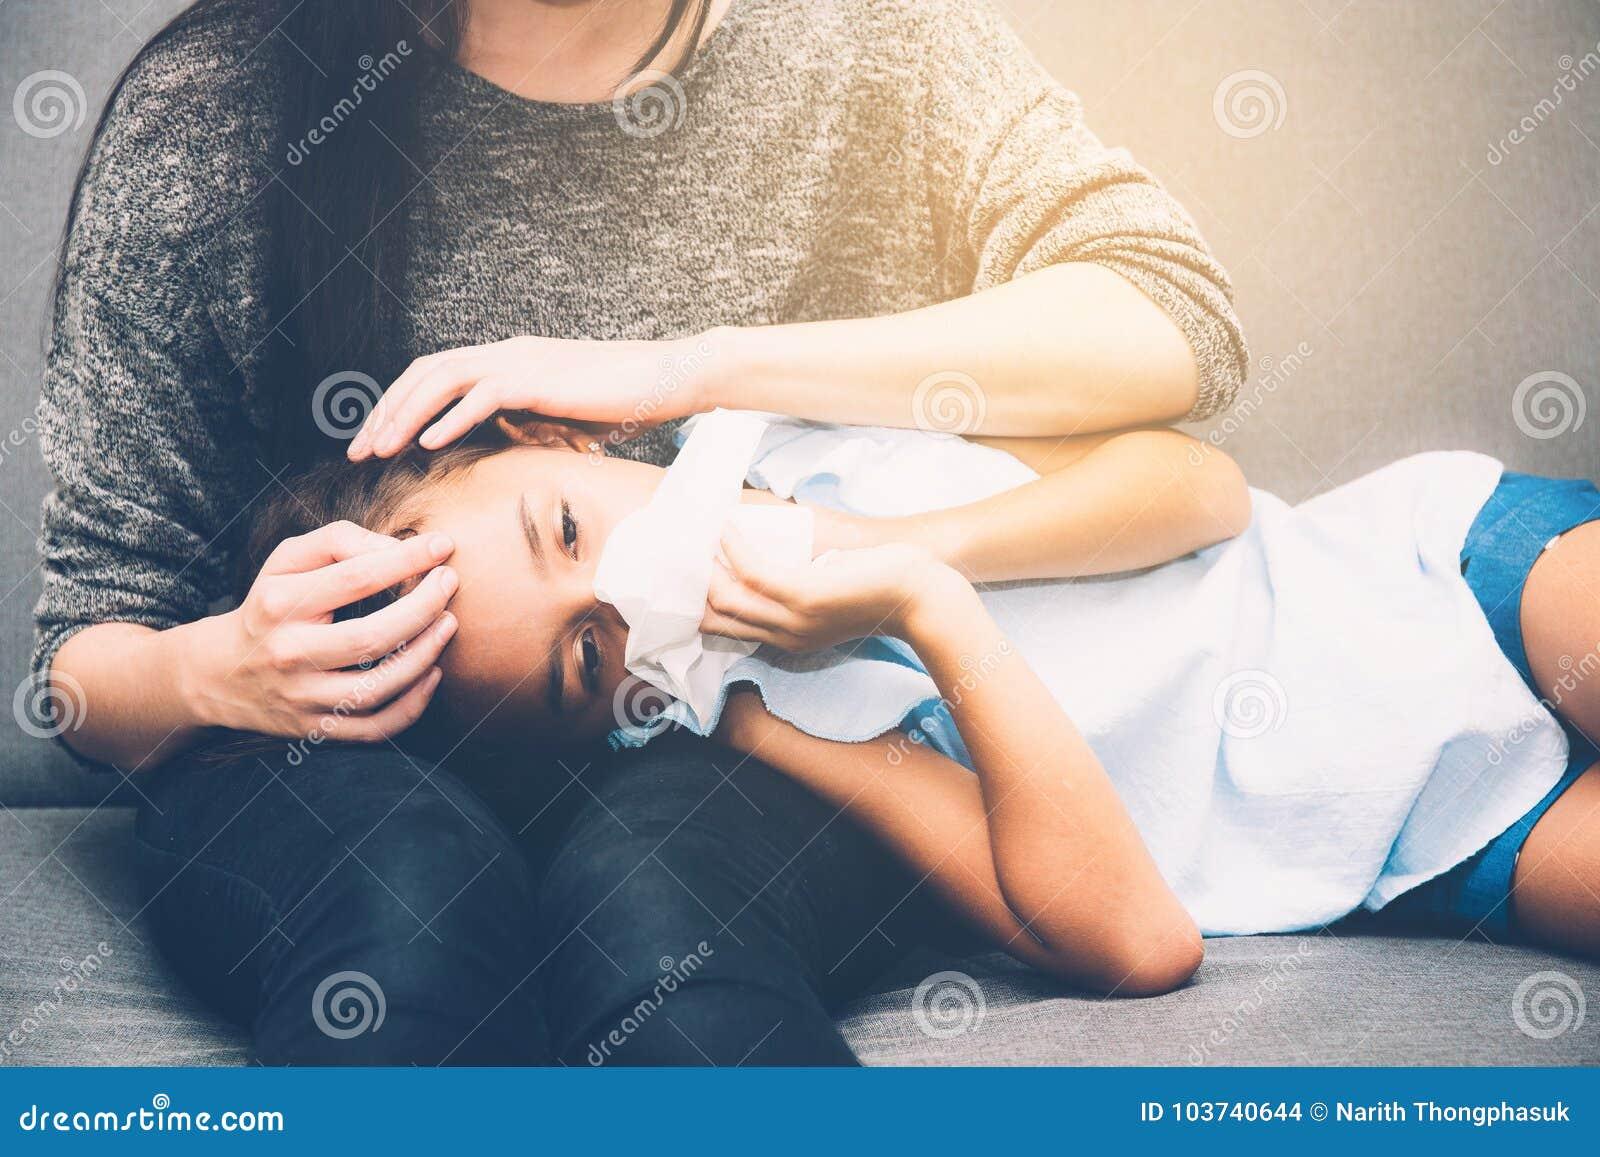 Λίγο ασιατικό κορίτσι είναι άρρωστο αδύνατο να βρεθεί στον καναπέ με τη μητέρα παίρνει την προσοχή